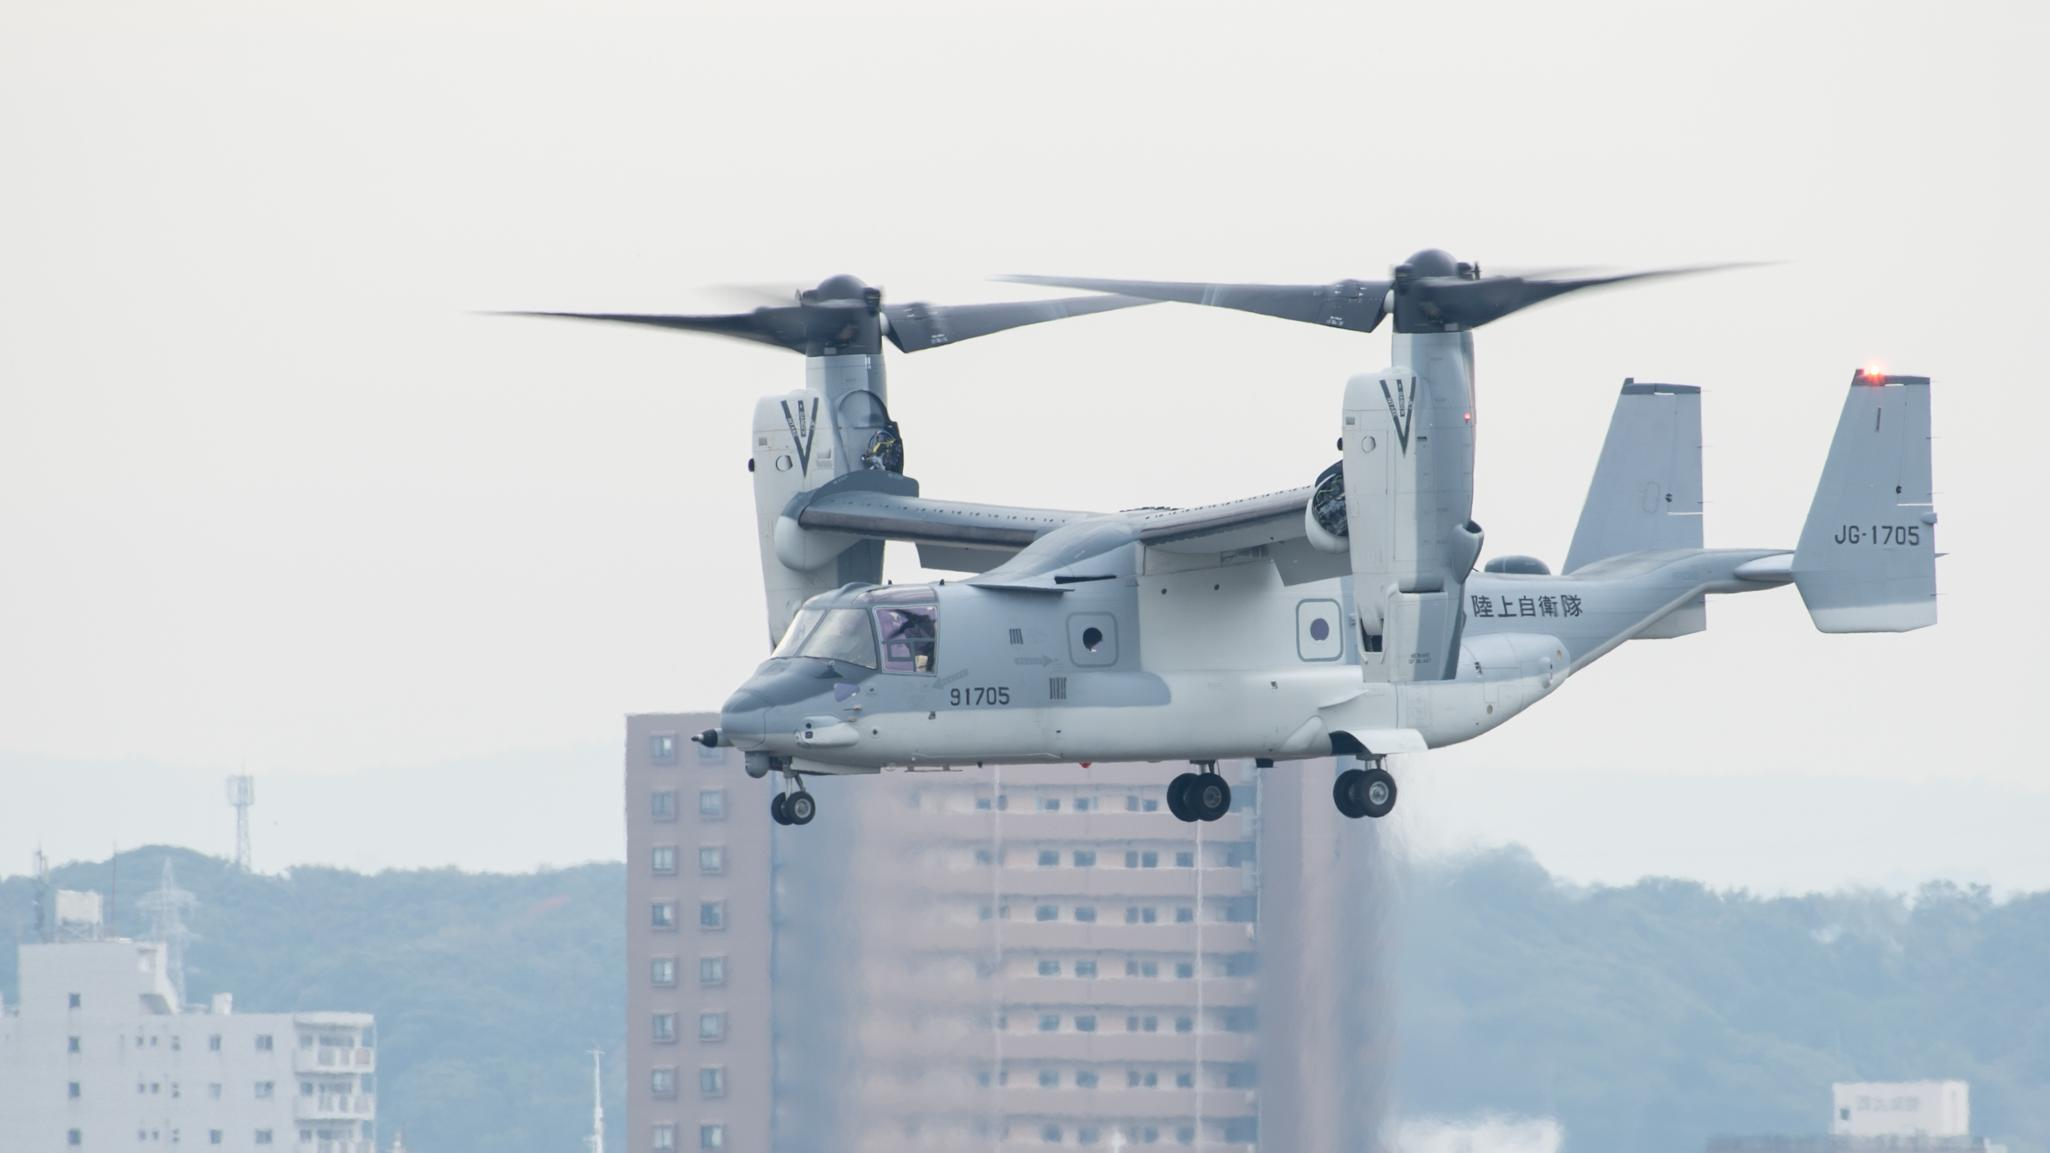 Japan Ground Self Defense Force V-22 Osprey